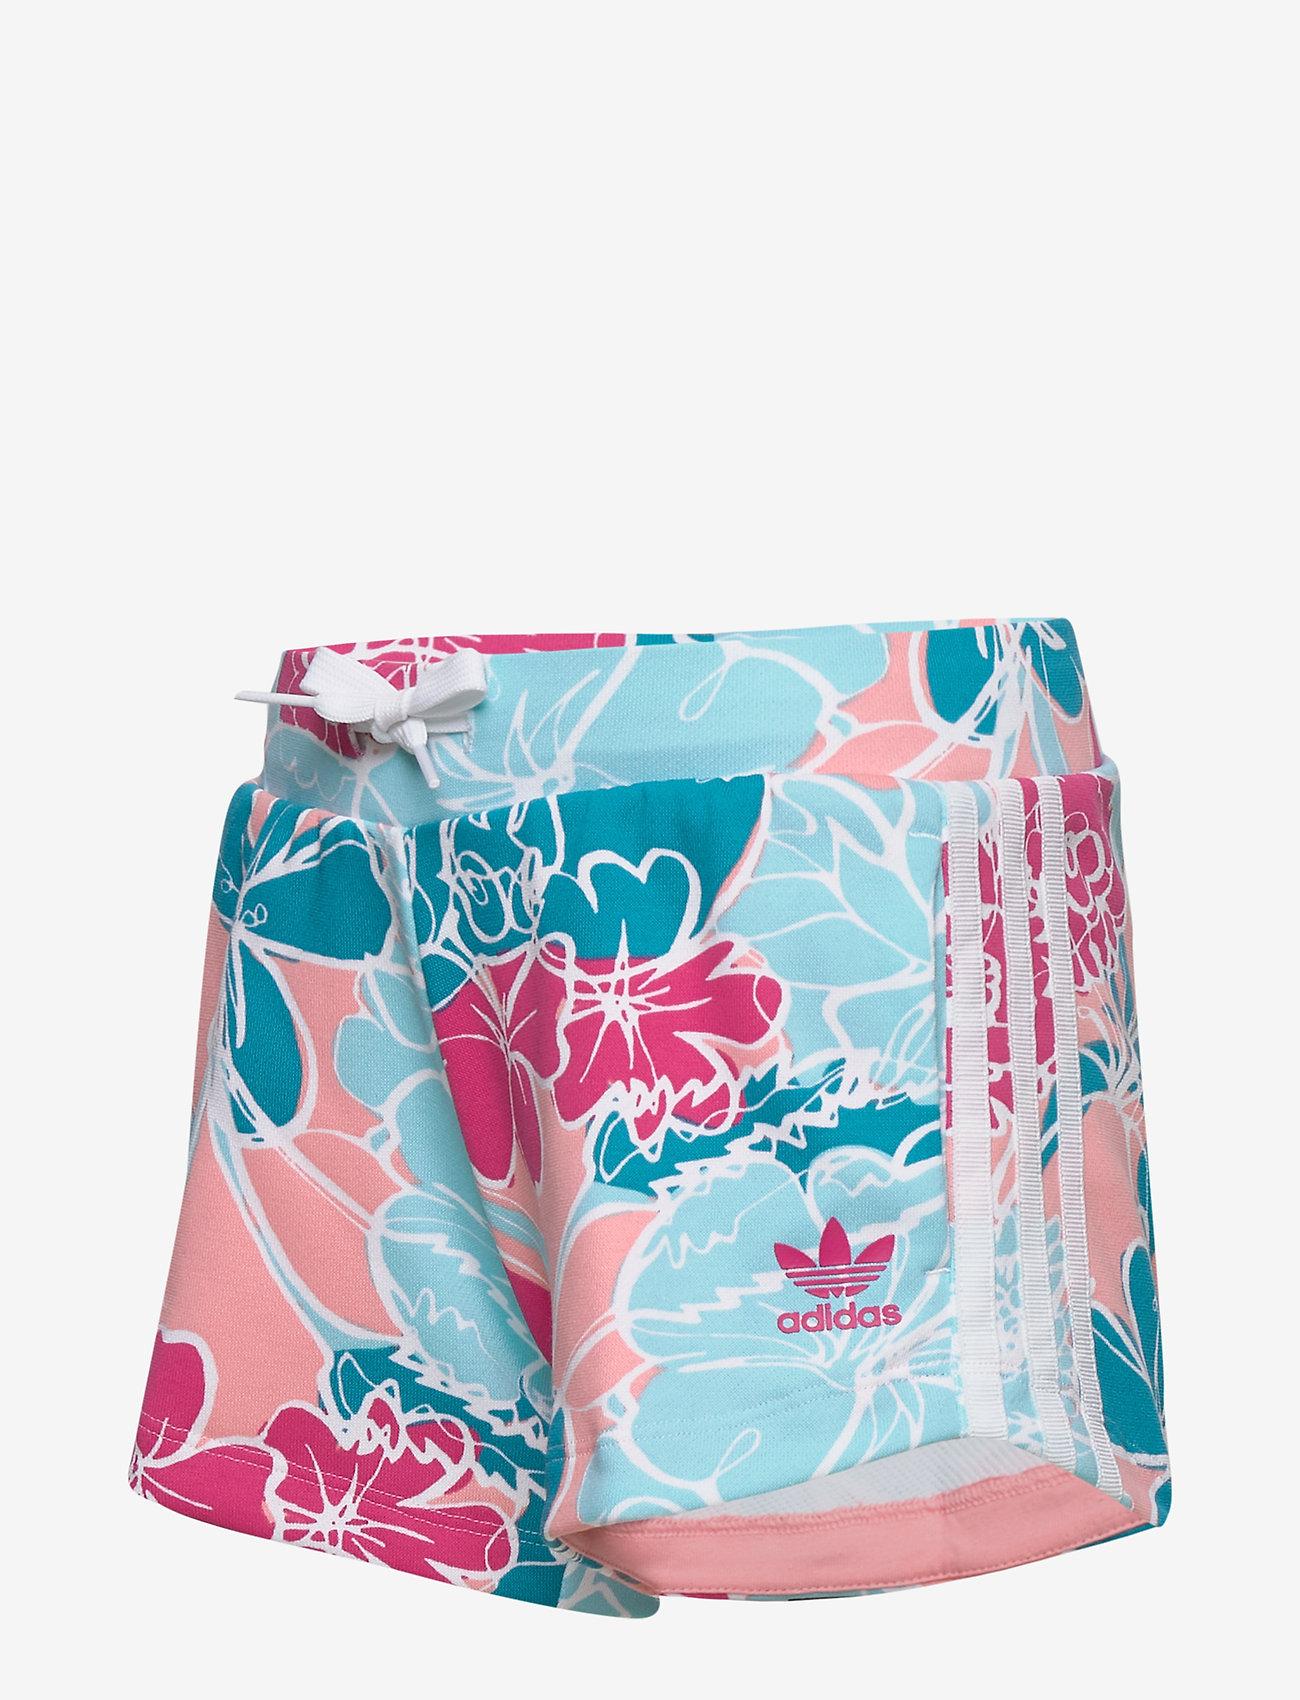 Shorts (Glopnk/multco) (18.17 €) - adidas Originals uHKLY